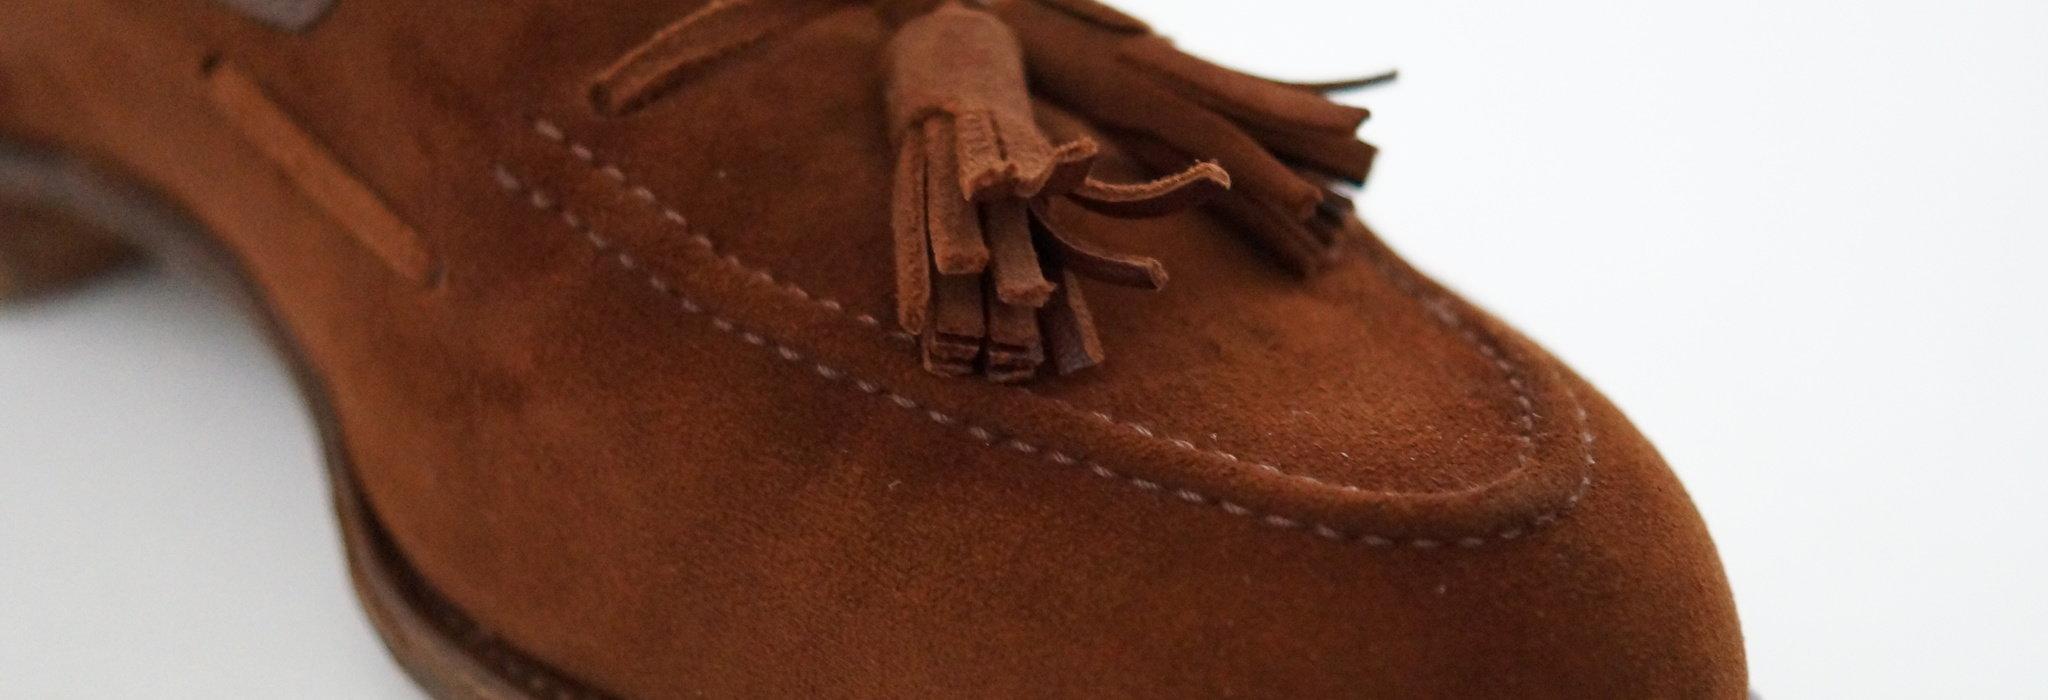 革靴の素材「スエード」のルーツや特徴。ヌバック・ベロア・バックスキンとの違いについて_image